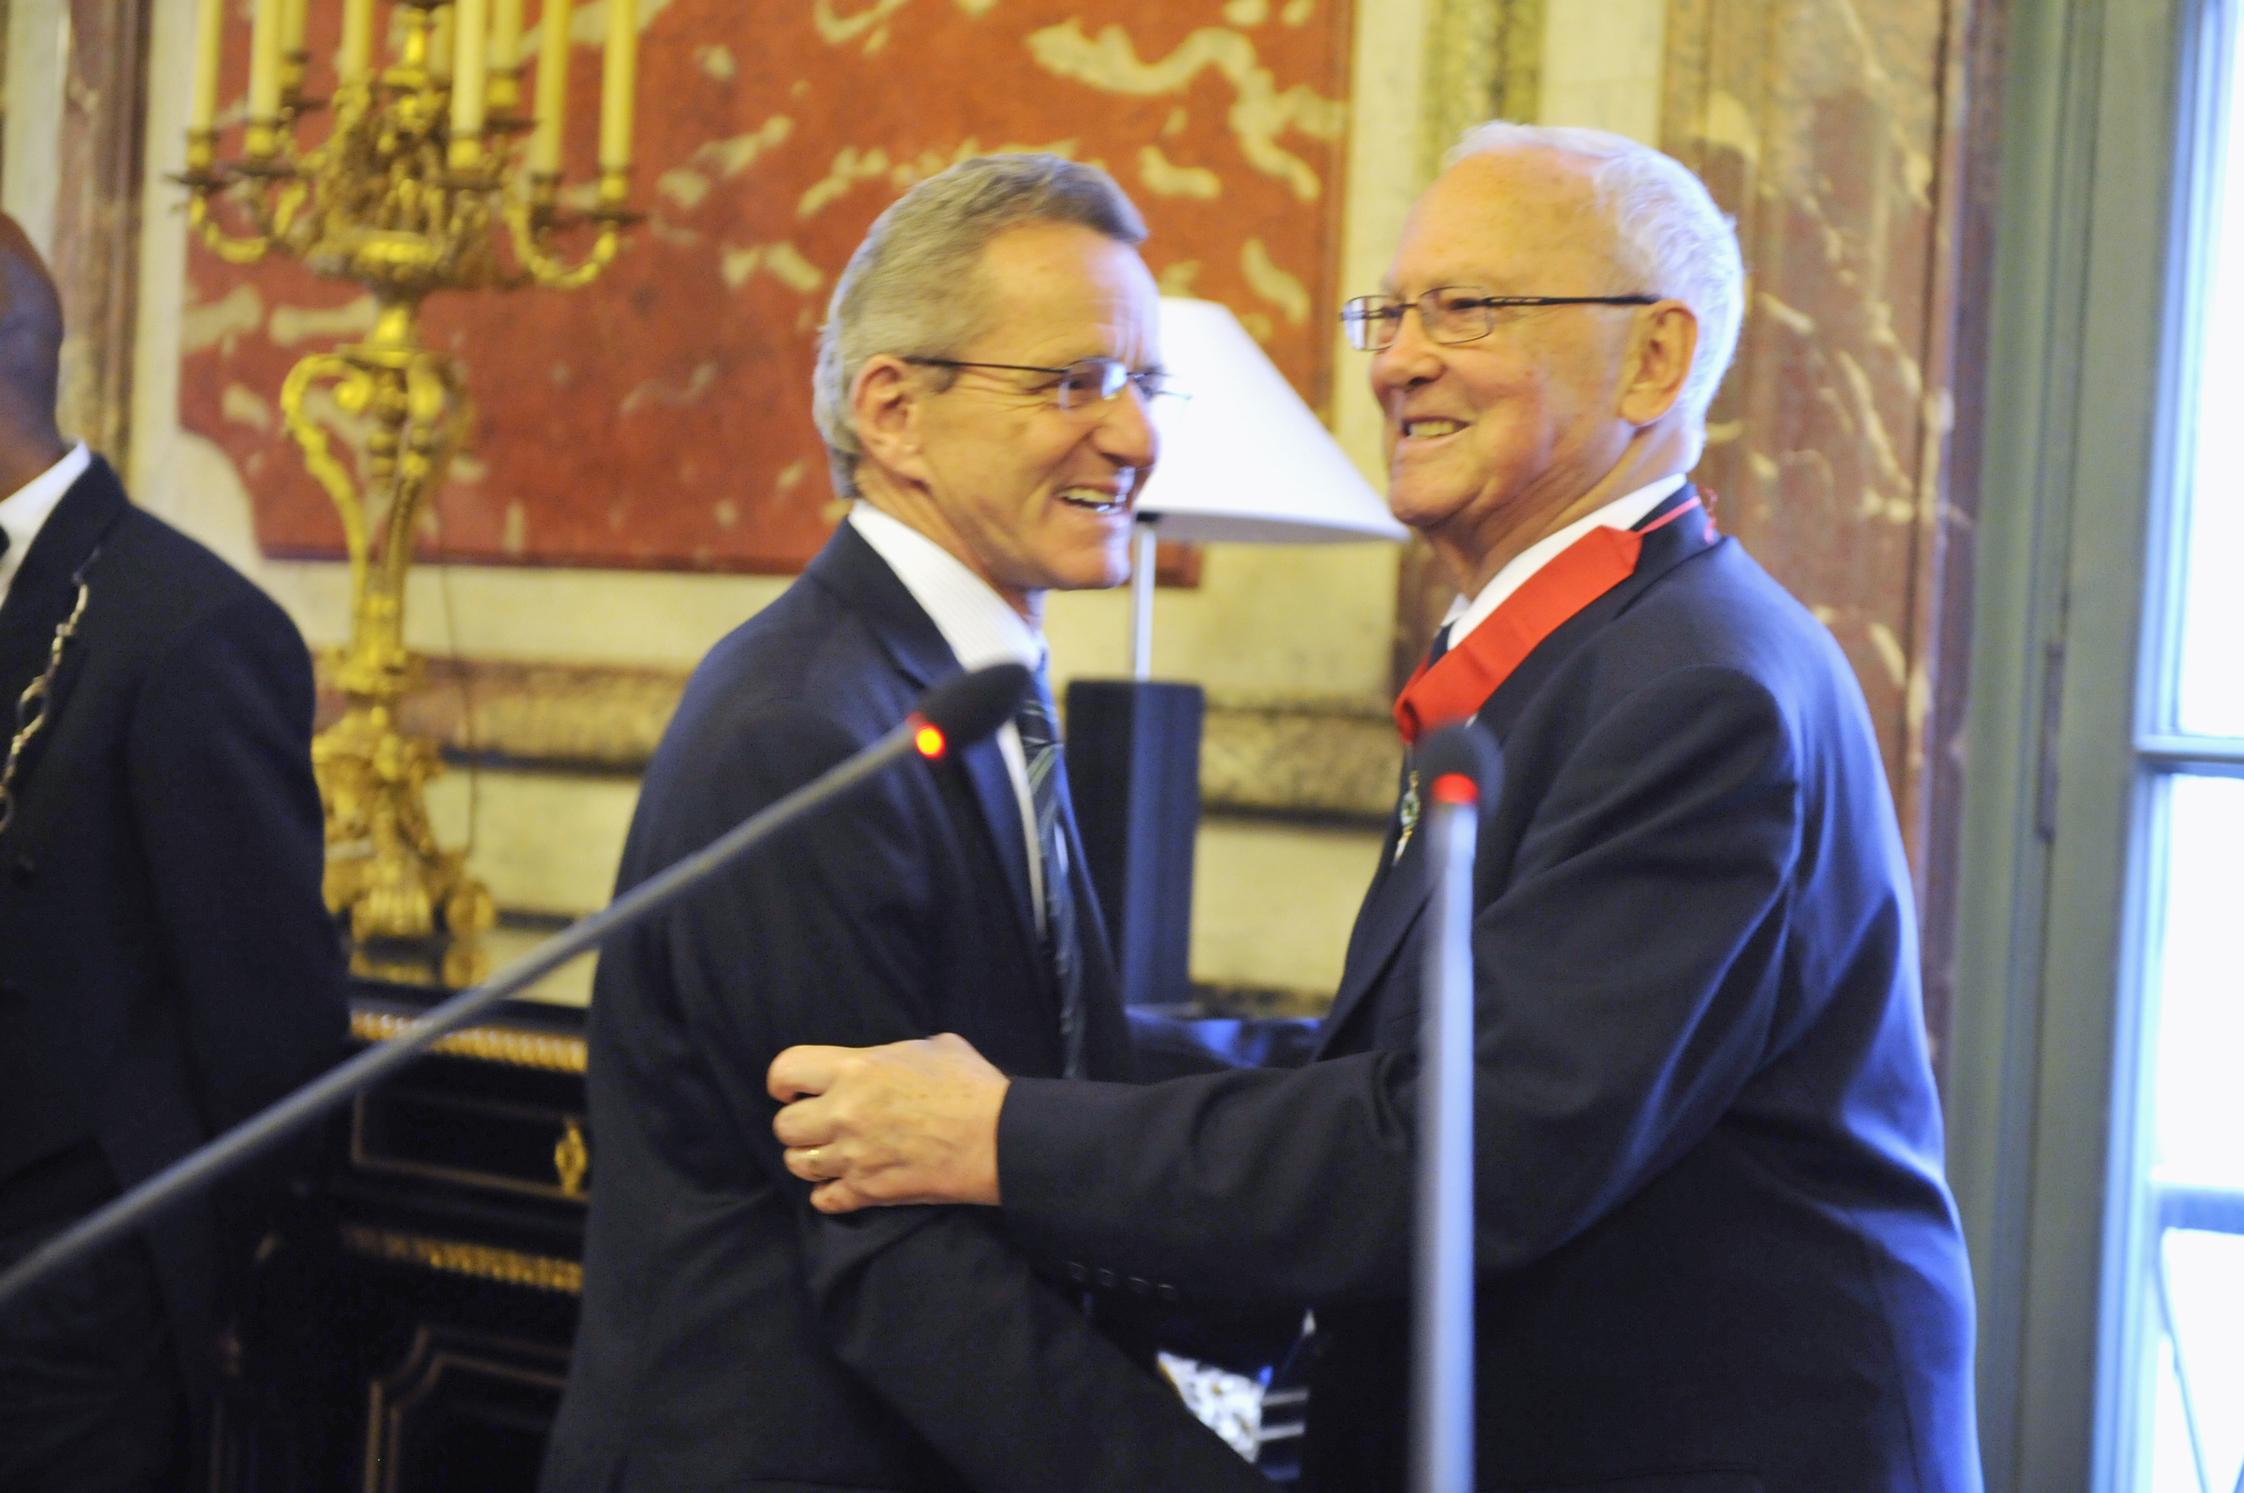 DéCˆS de GUY CABANEL ancien Député et Maire de Meylan – Grenoble